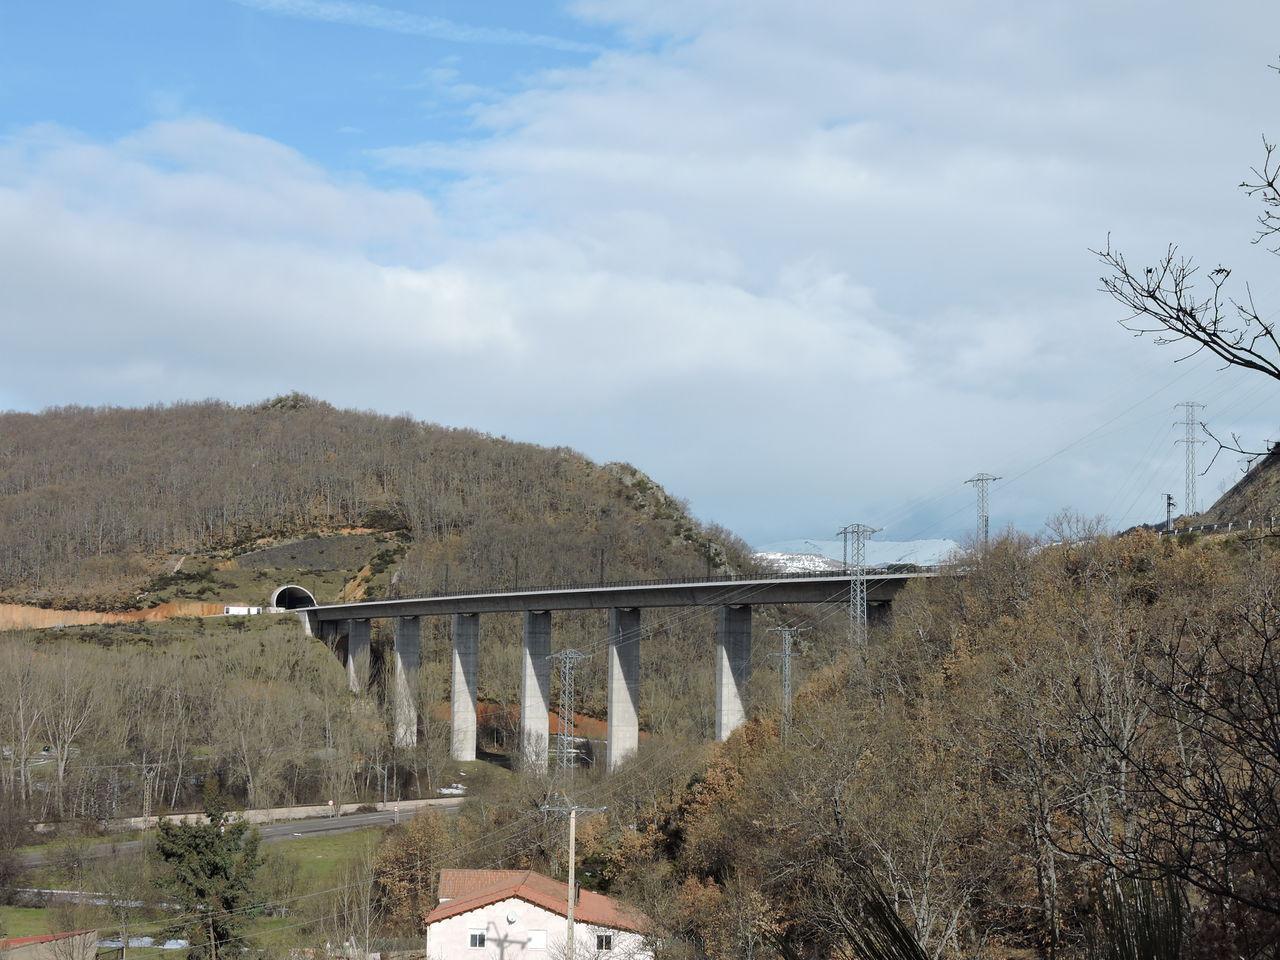 Viaducto_de_huergas_2015